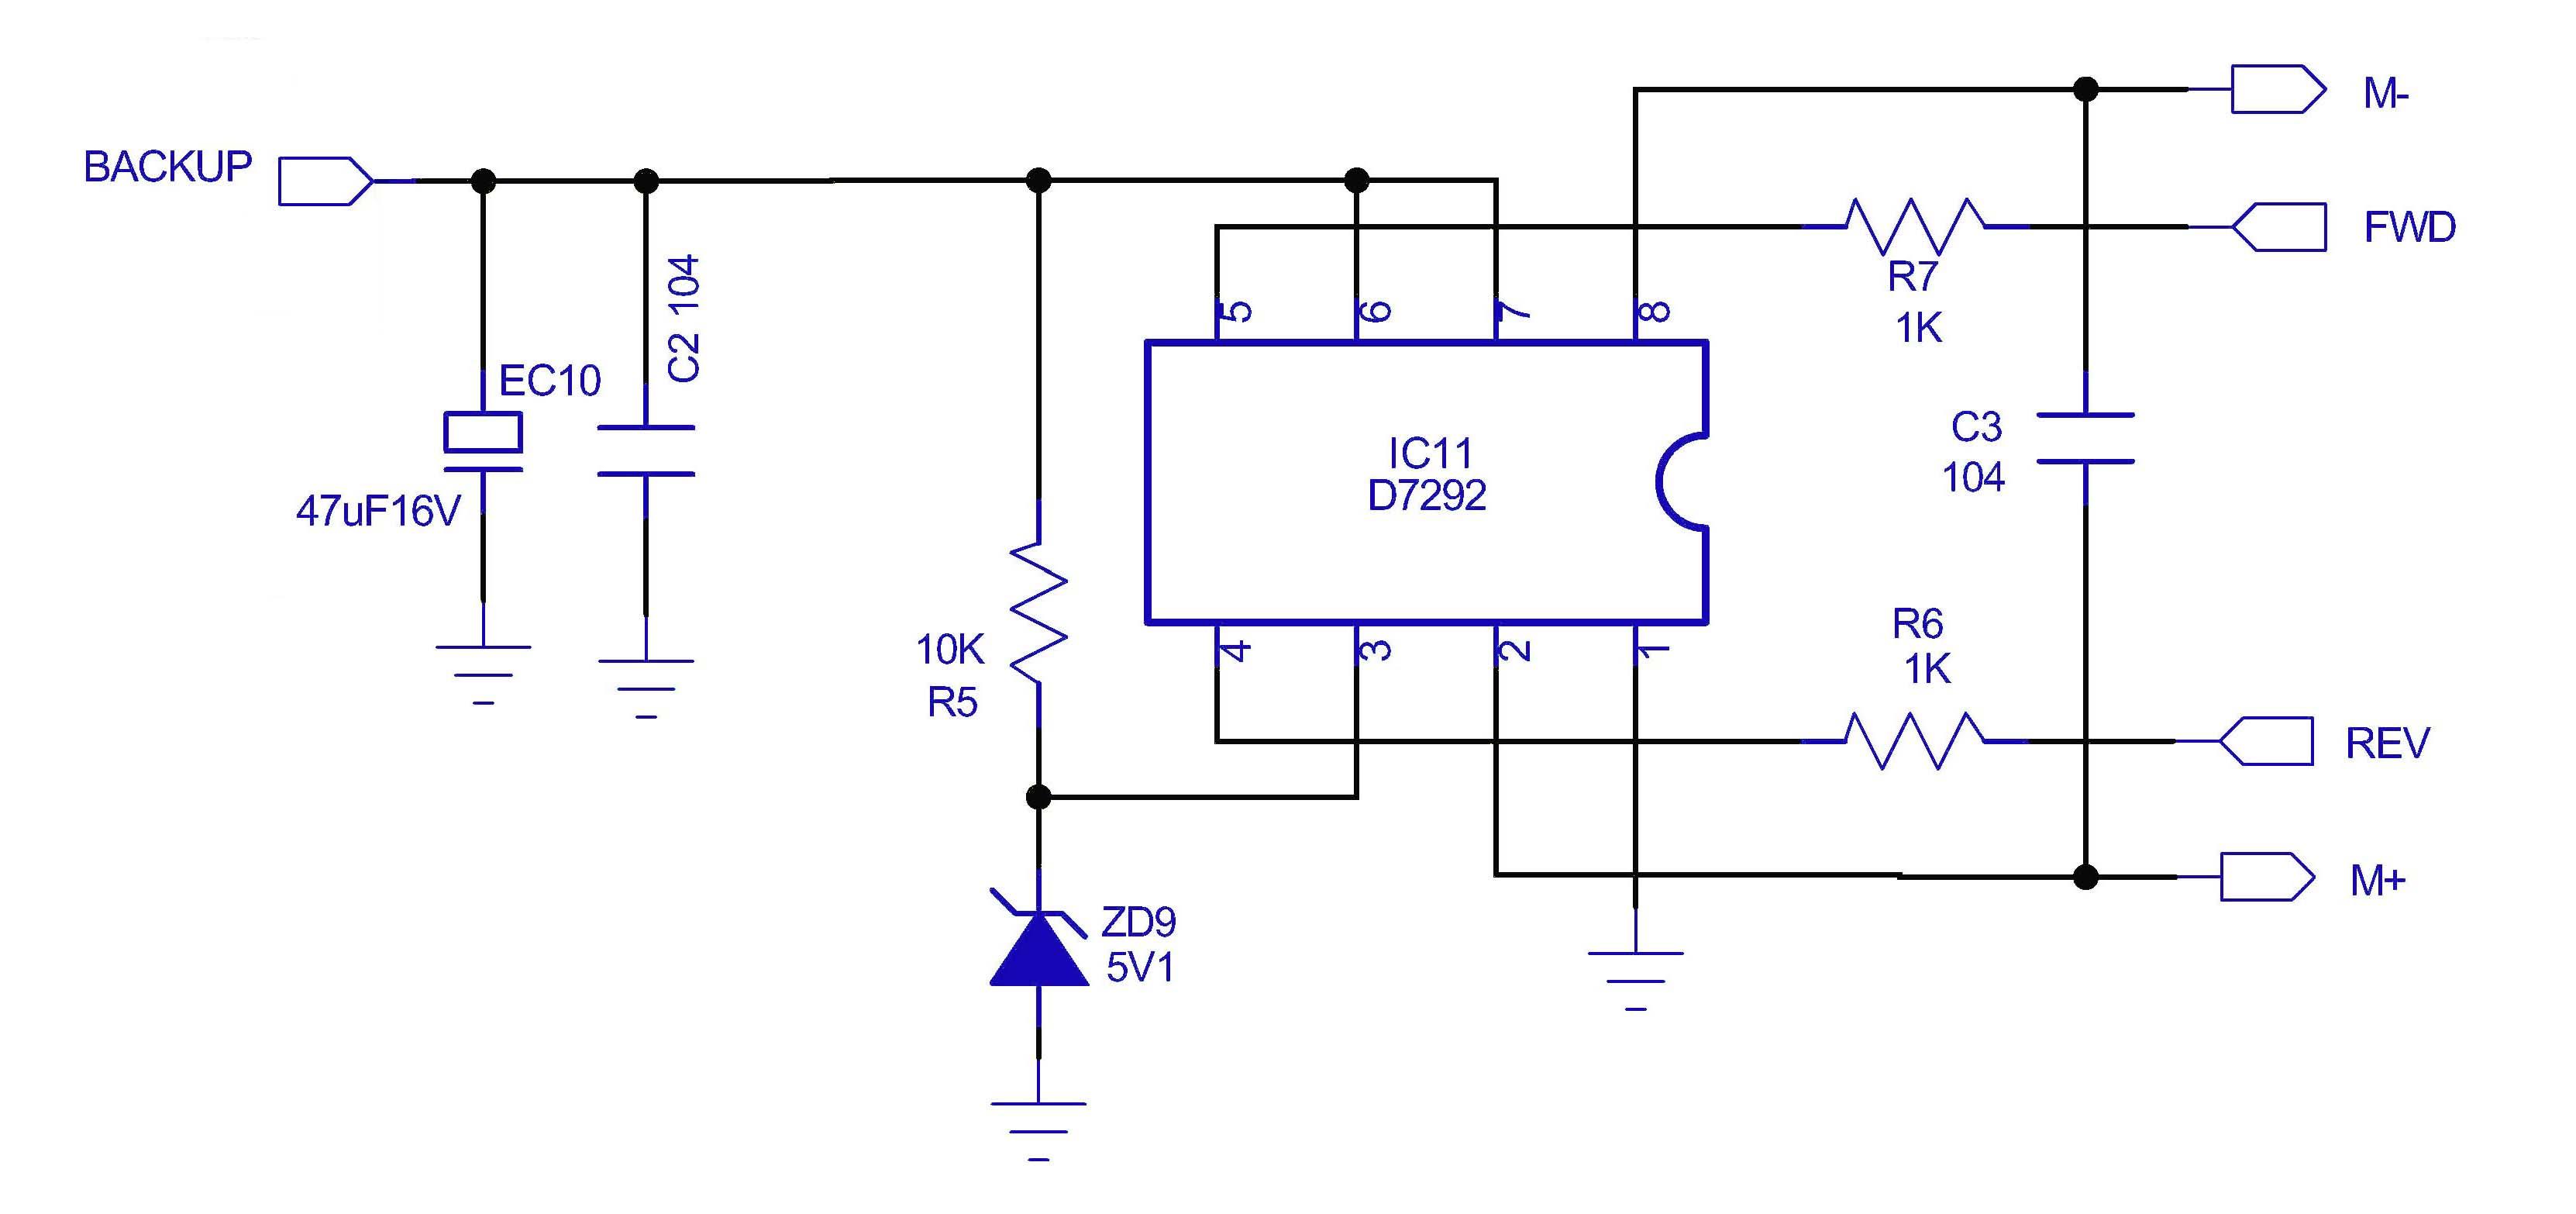 谁会开关控制电动机正反转的电路